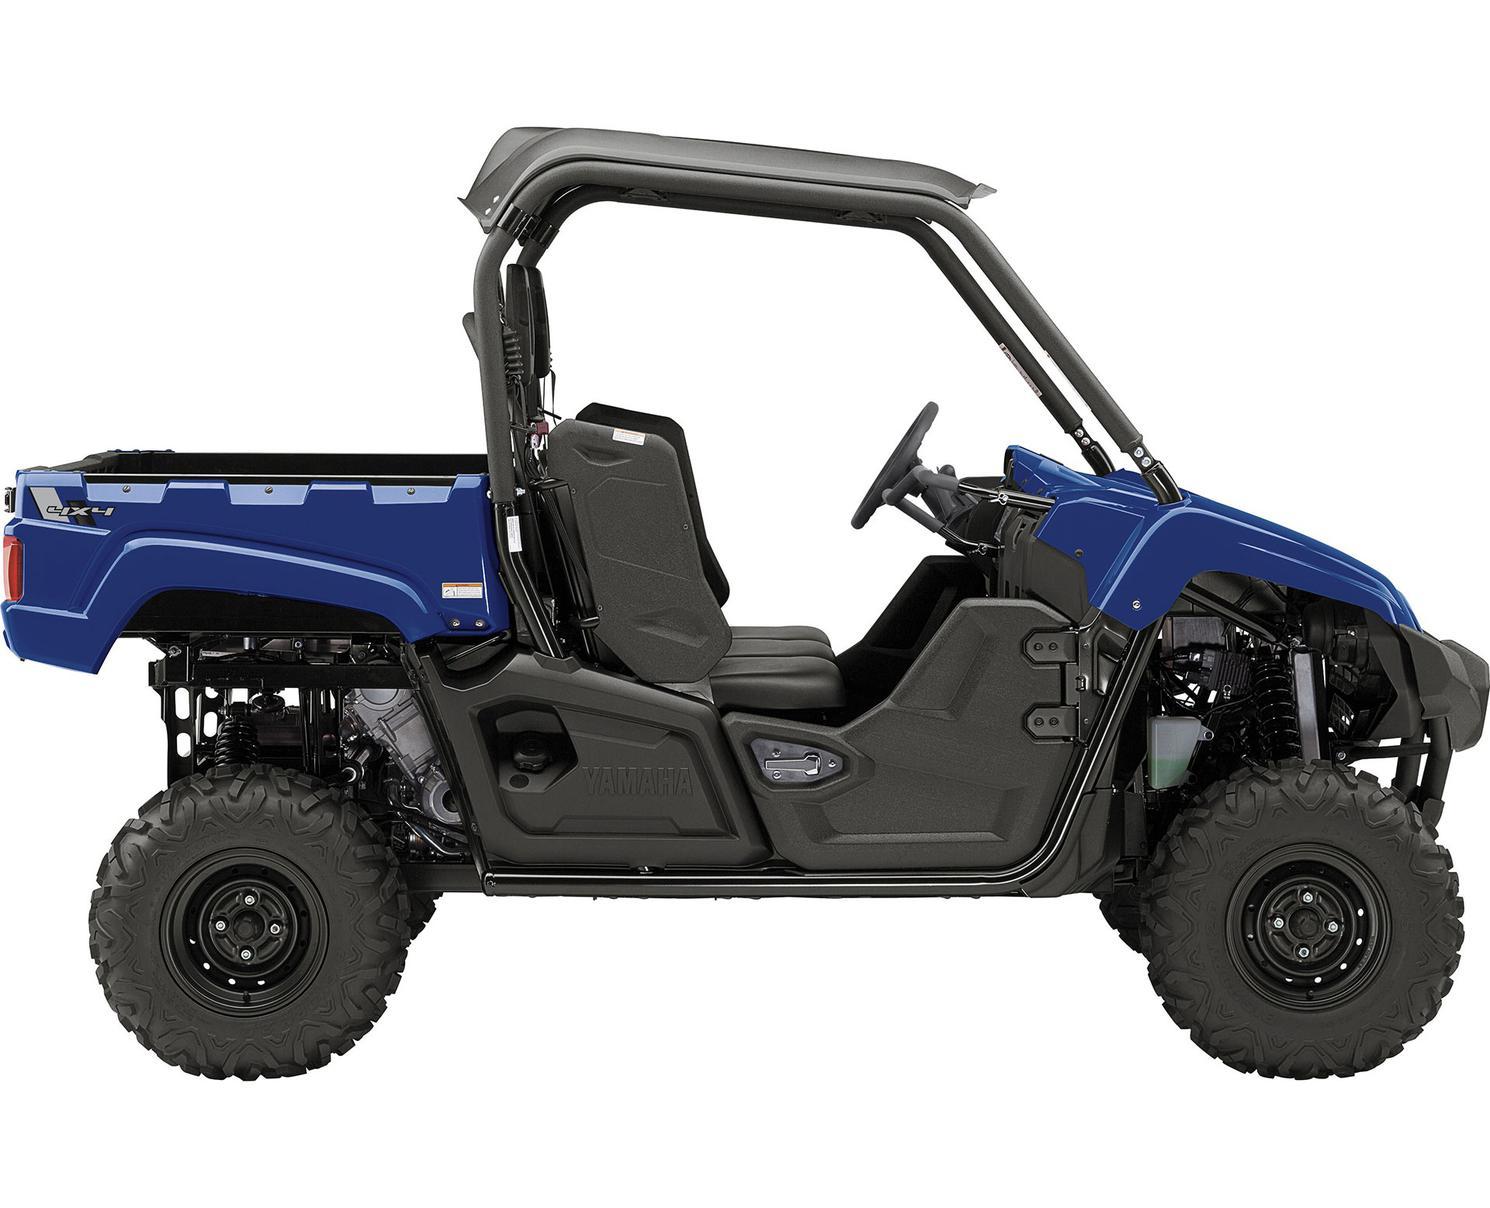 2021 Yamaha Viking EPS Yamaha Blue